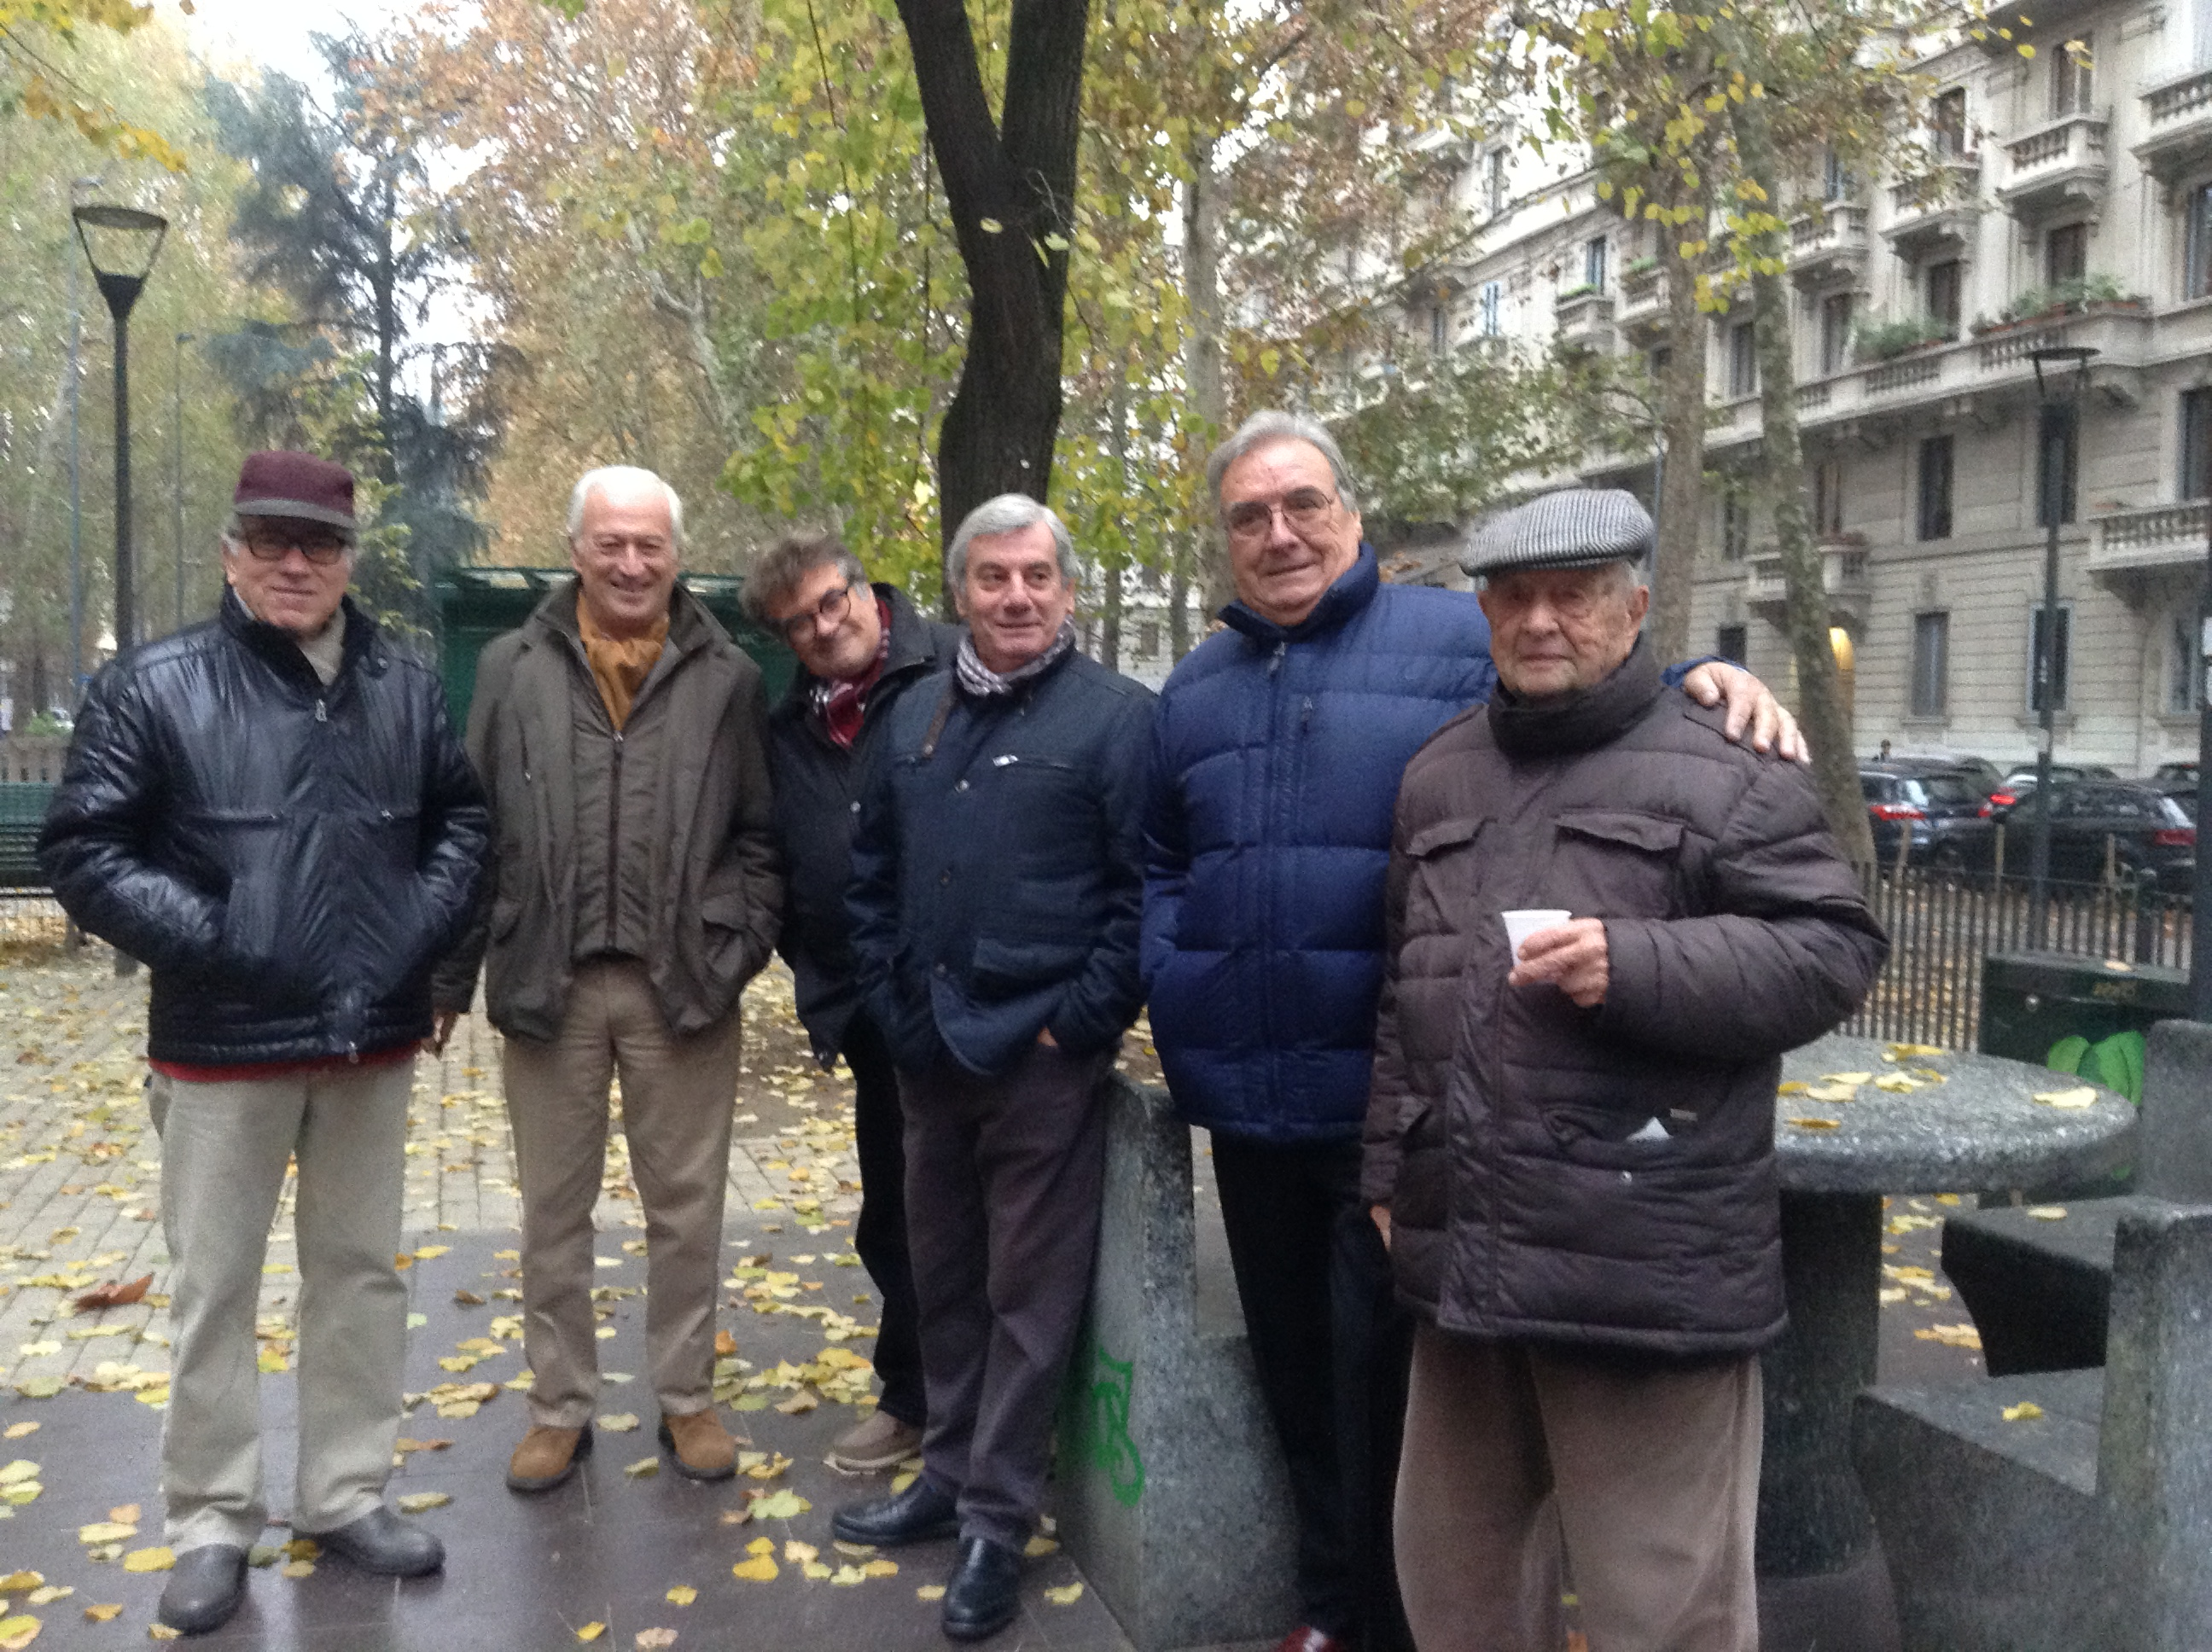 Giacomo, Enzo, Guido, Antonio, Sabino, Ettore